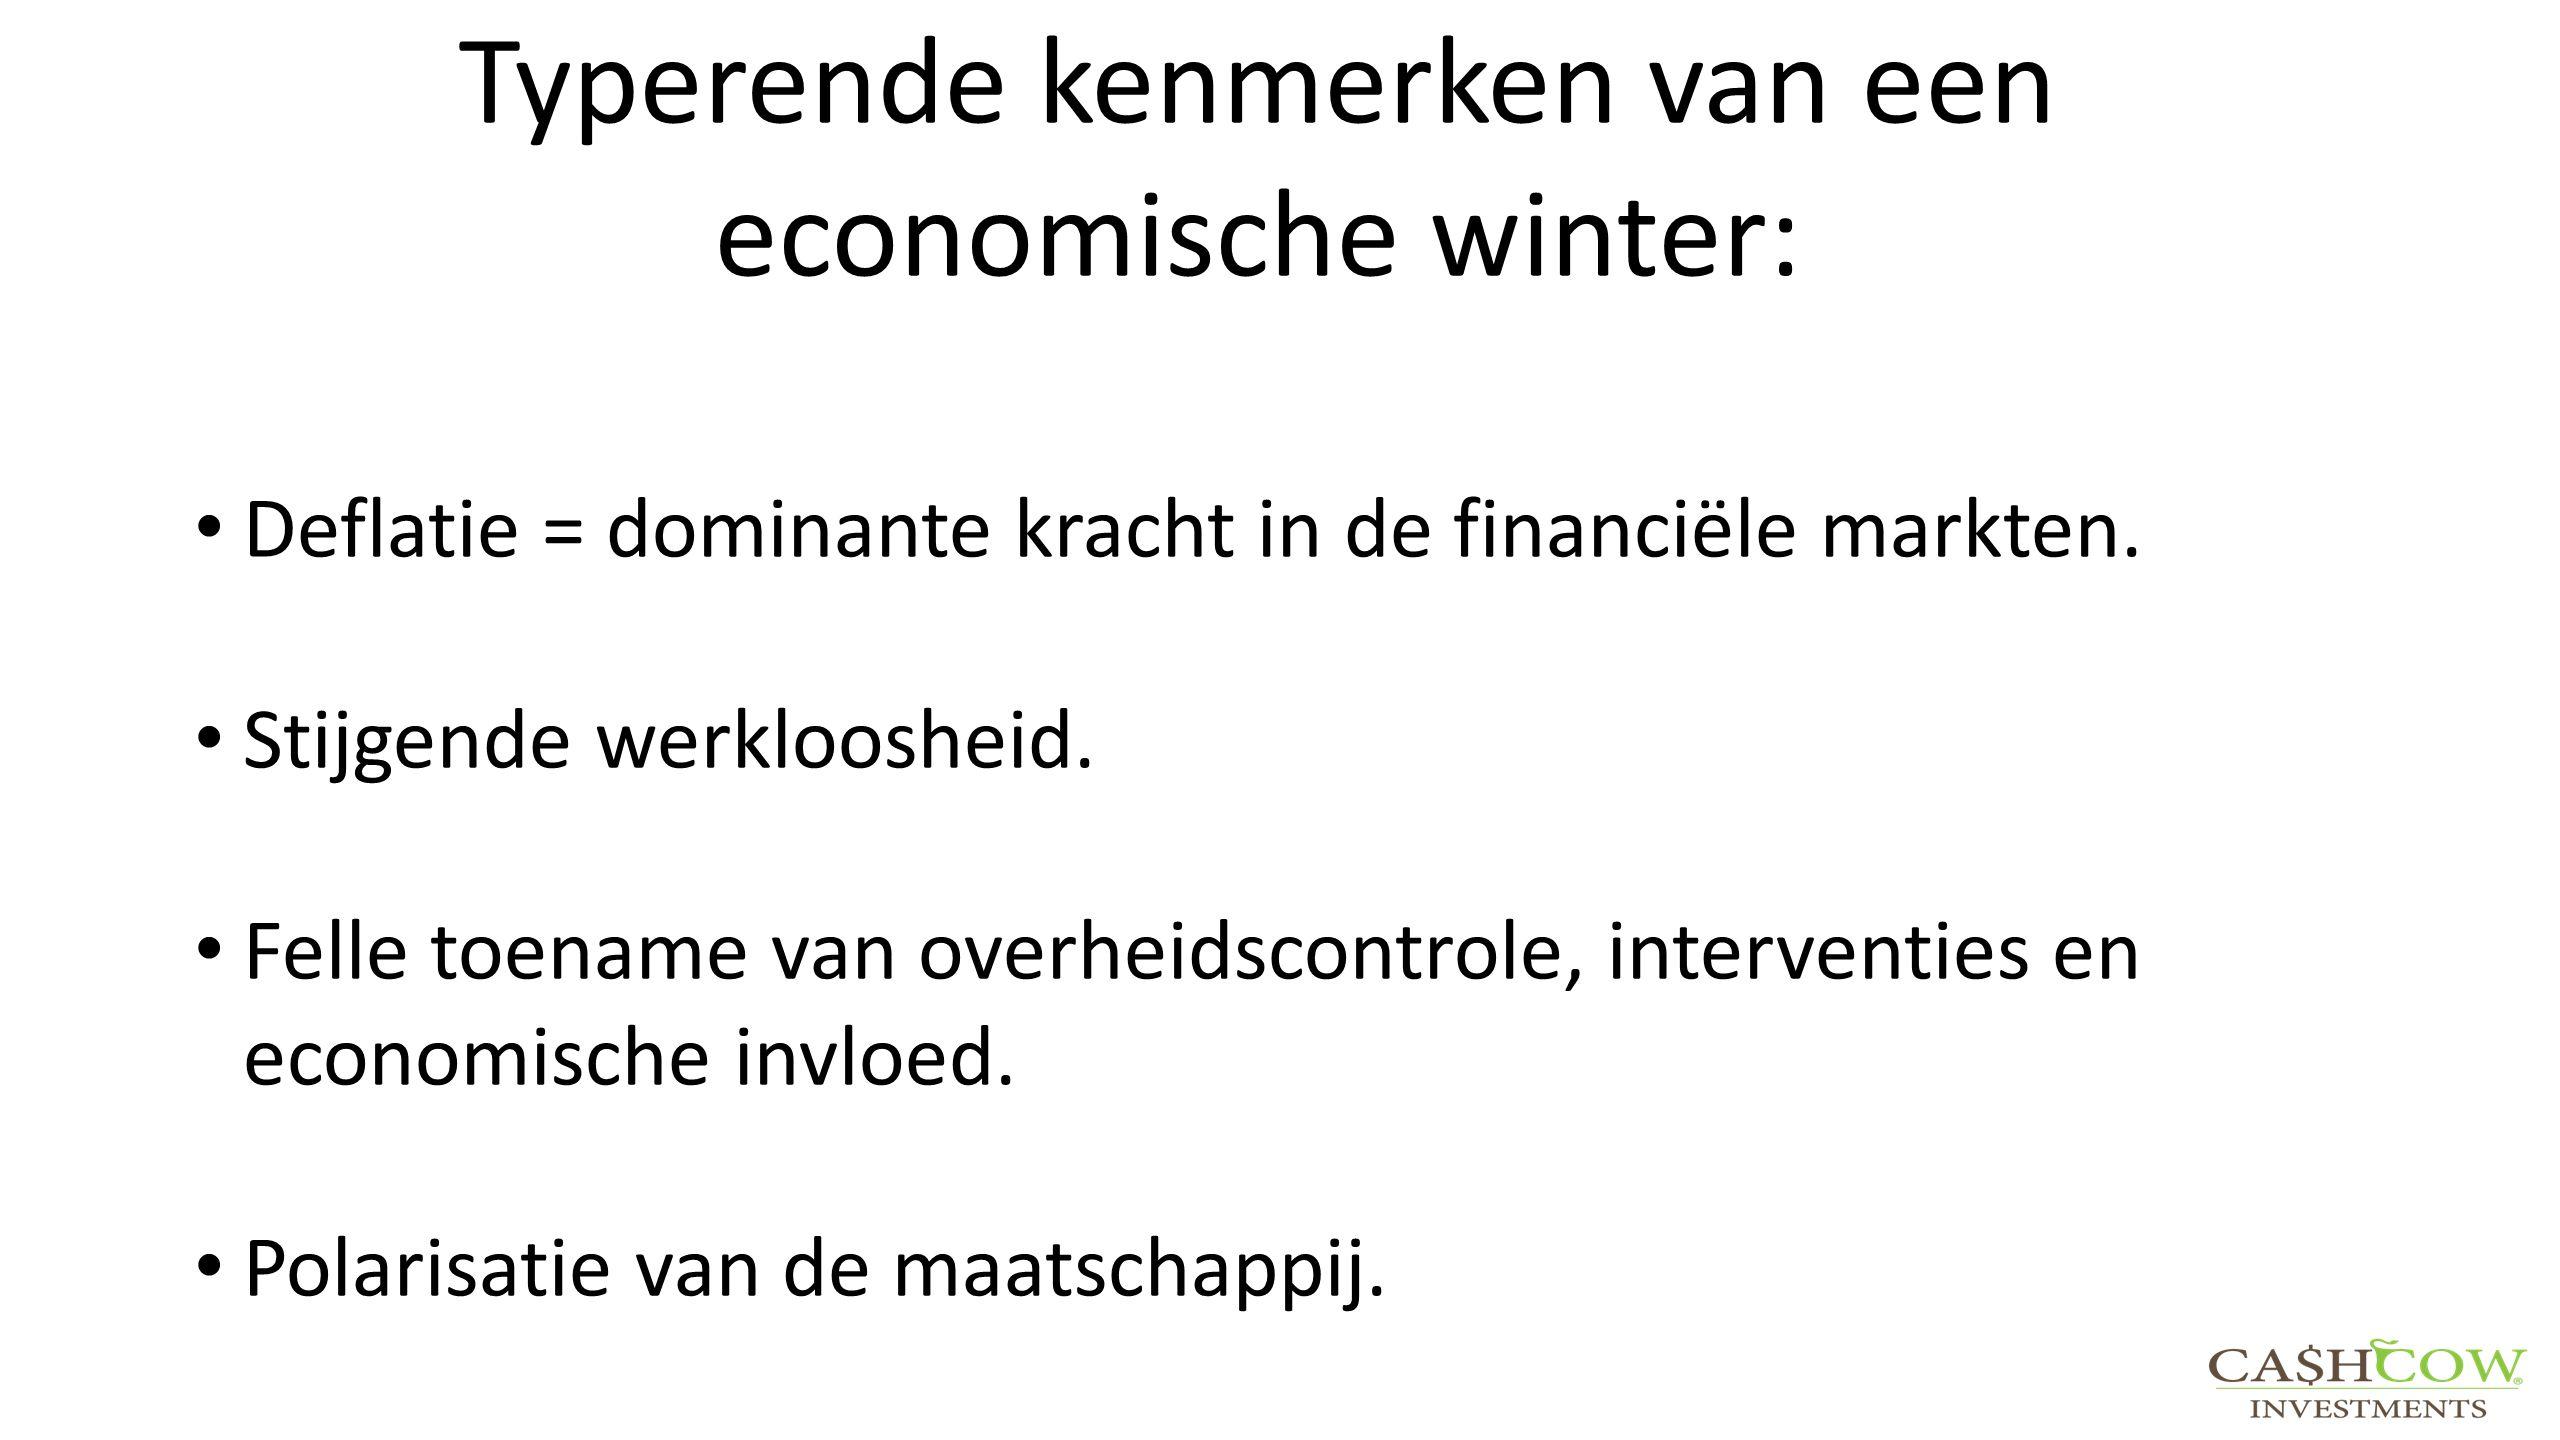 Typerende kenmerken van een economische winter: Deflatie = dominante kracht in de financiële markten. Stijgende werkloosheid. Felle toename van overhe